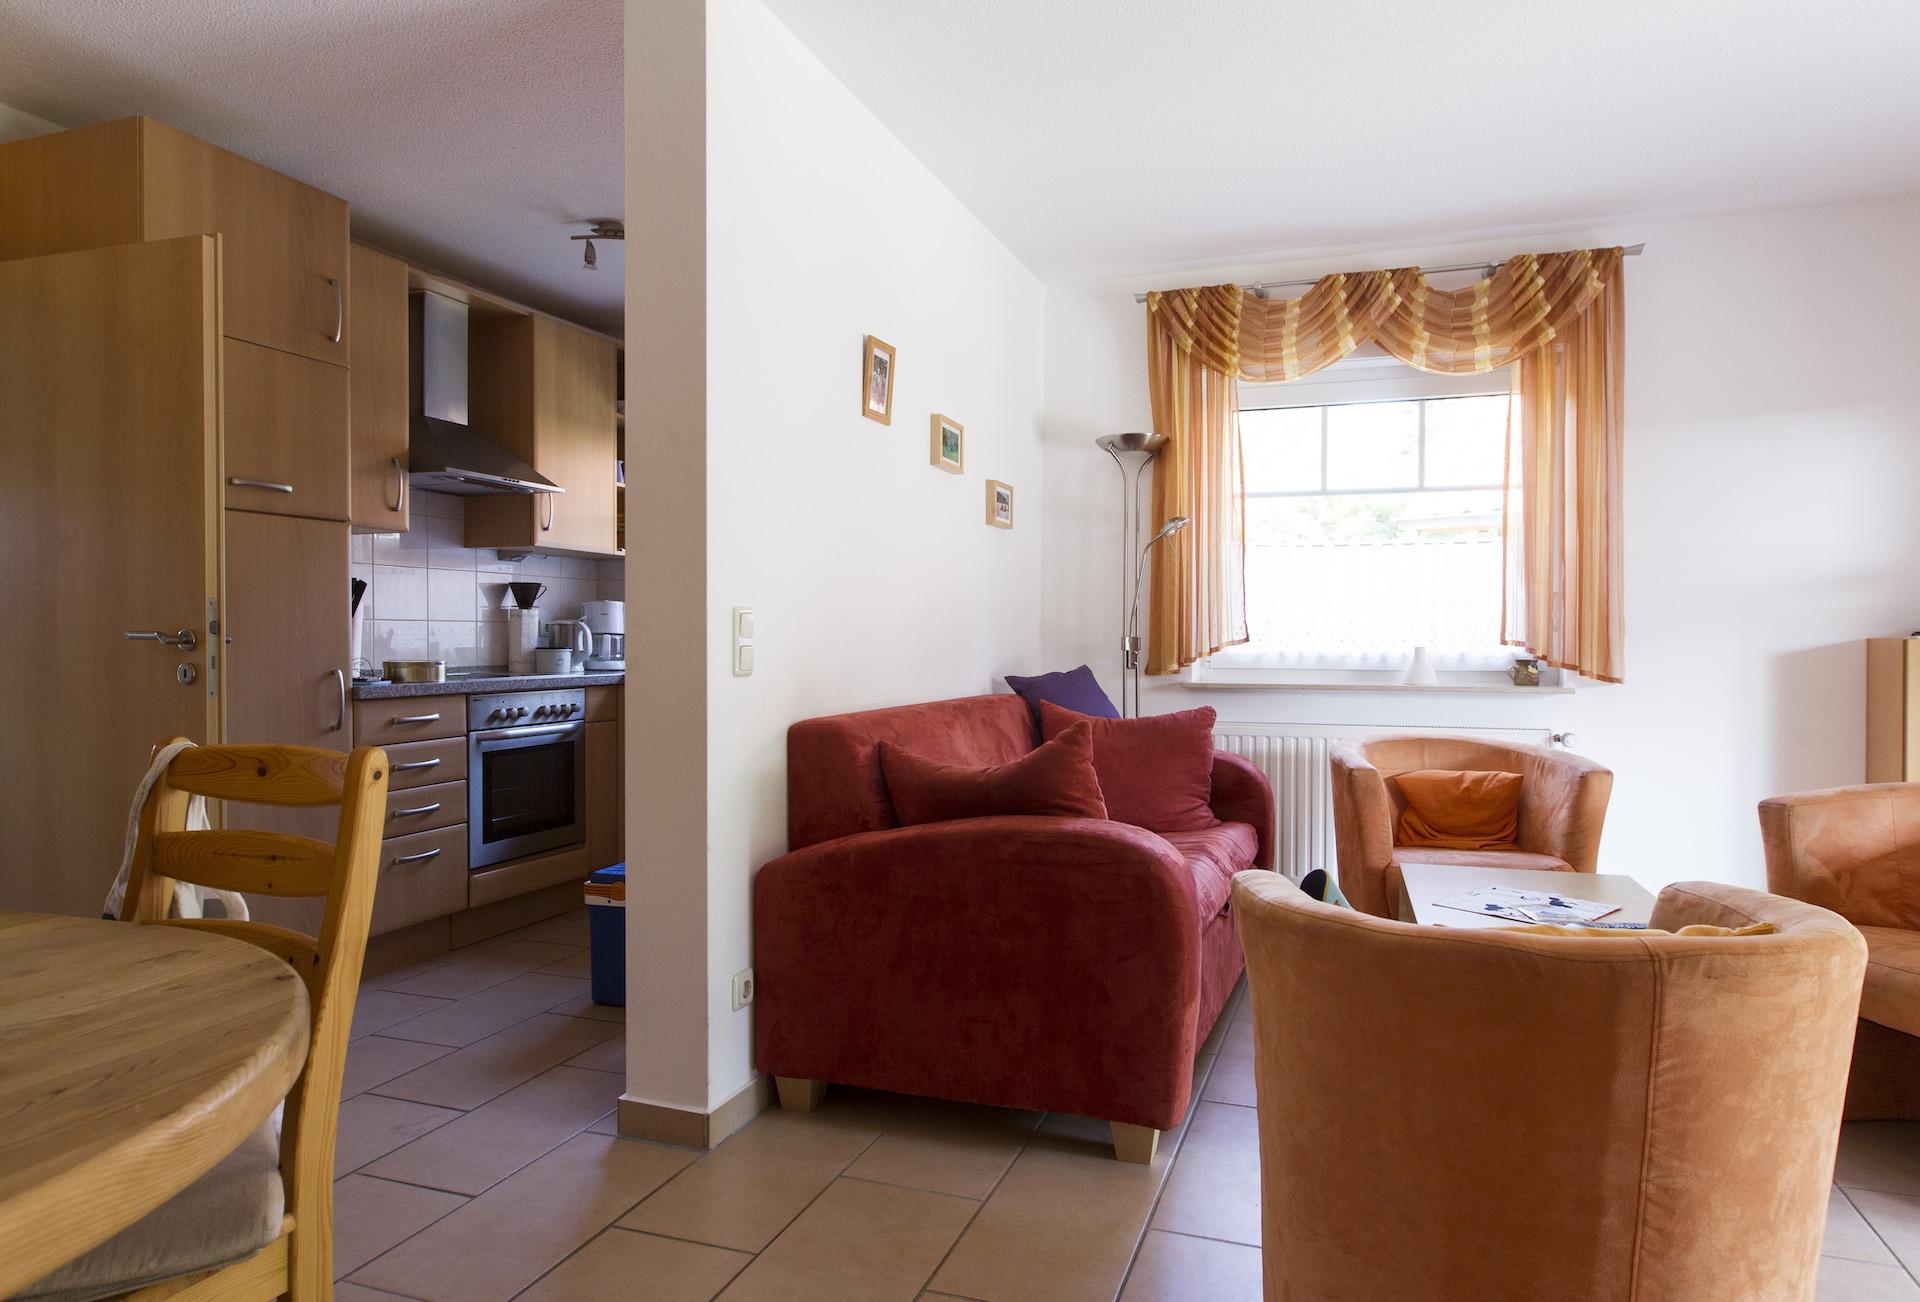 ferienwohnung schwalbennest f r bis zu 5 personen in der. Black Bedroom Furniture Sets. Home Design Ideas